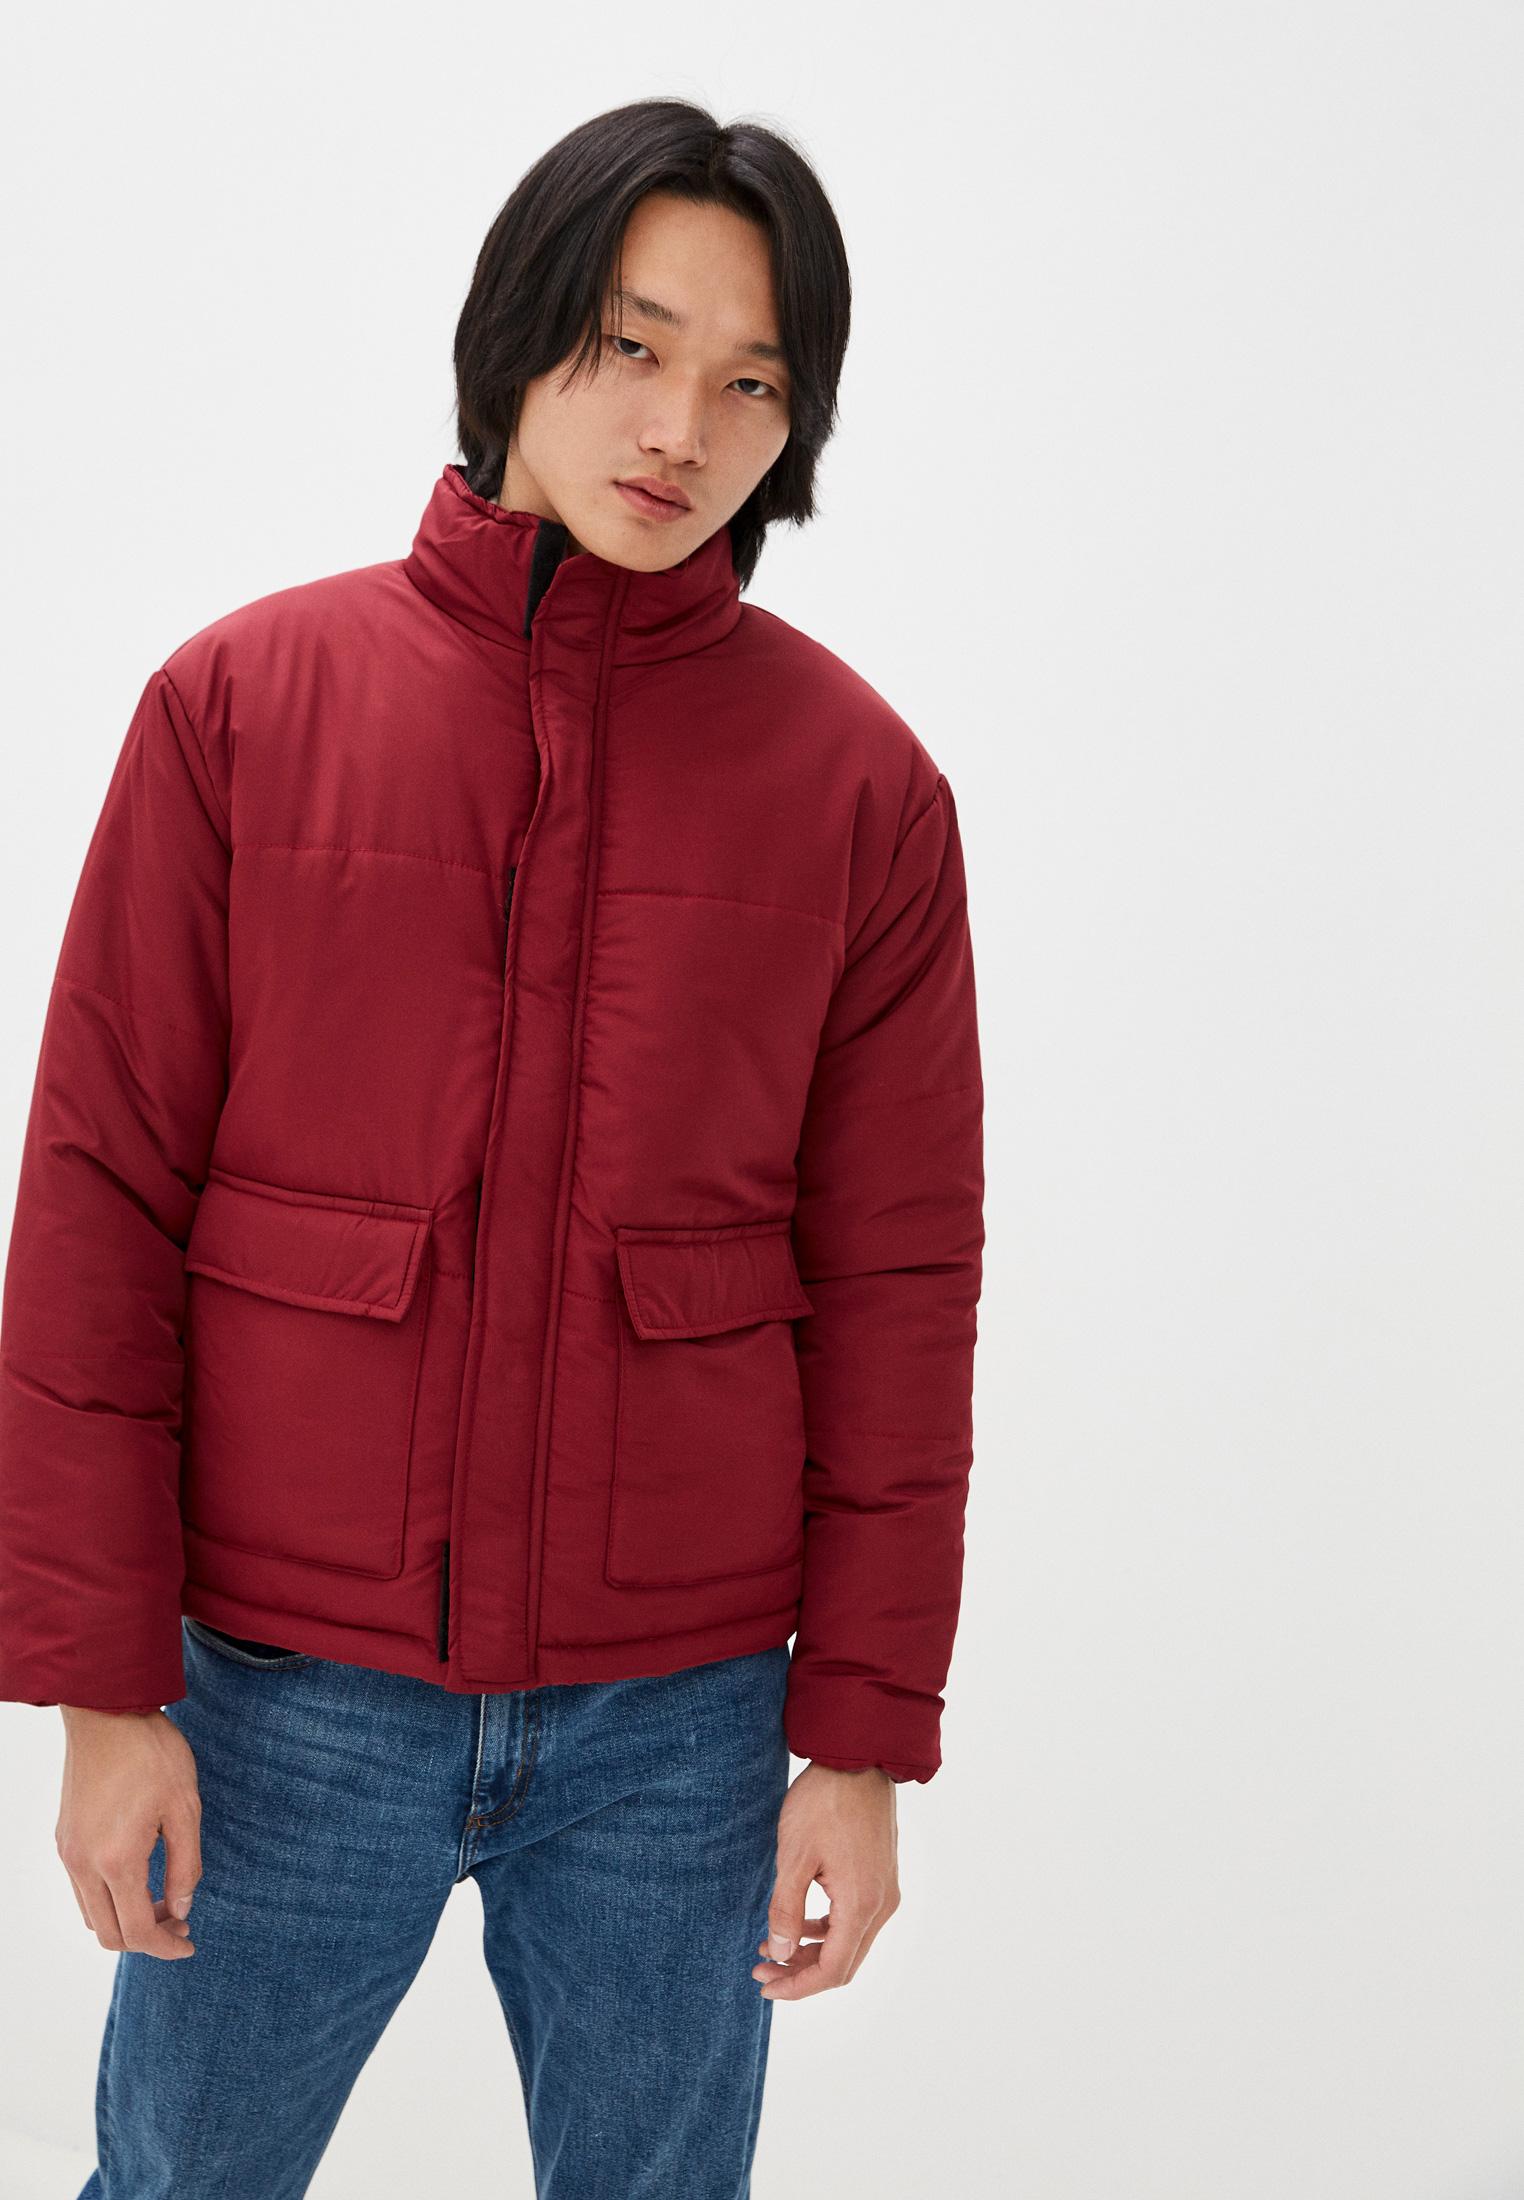 Утепленная куртка Trendyol Куртка утепленная Trendyol